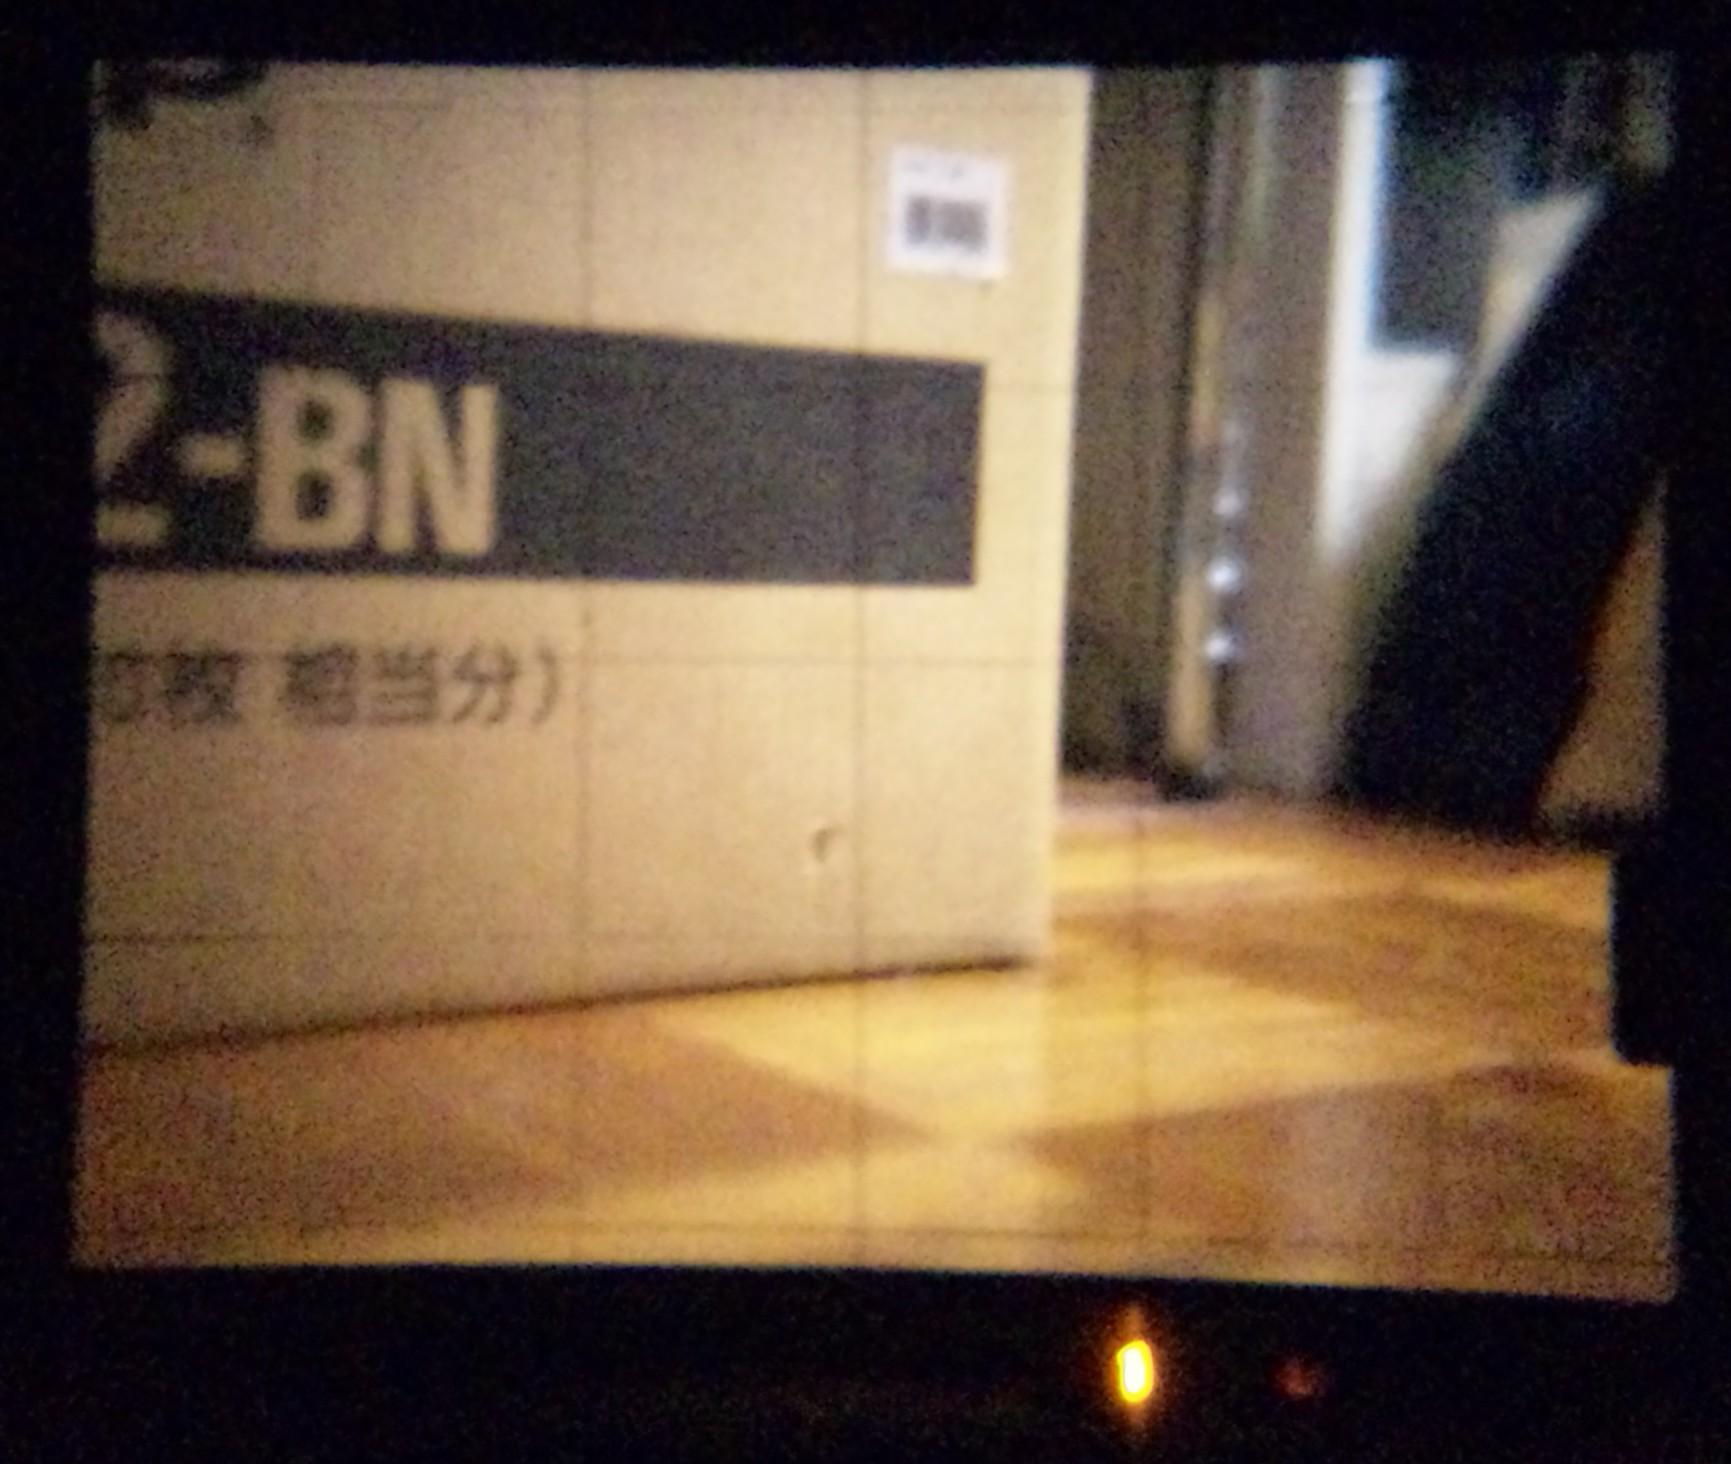 http://puni.nekomimi.jp/pict/090511.jpg